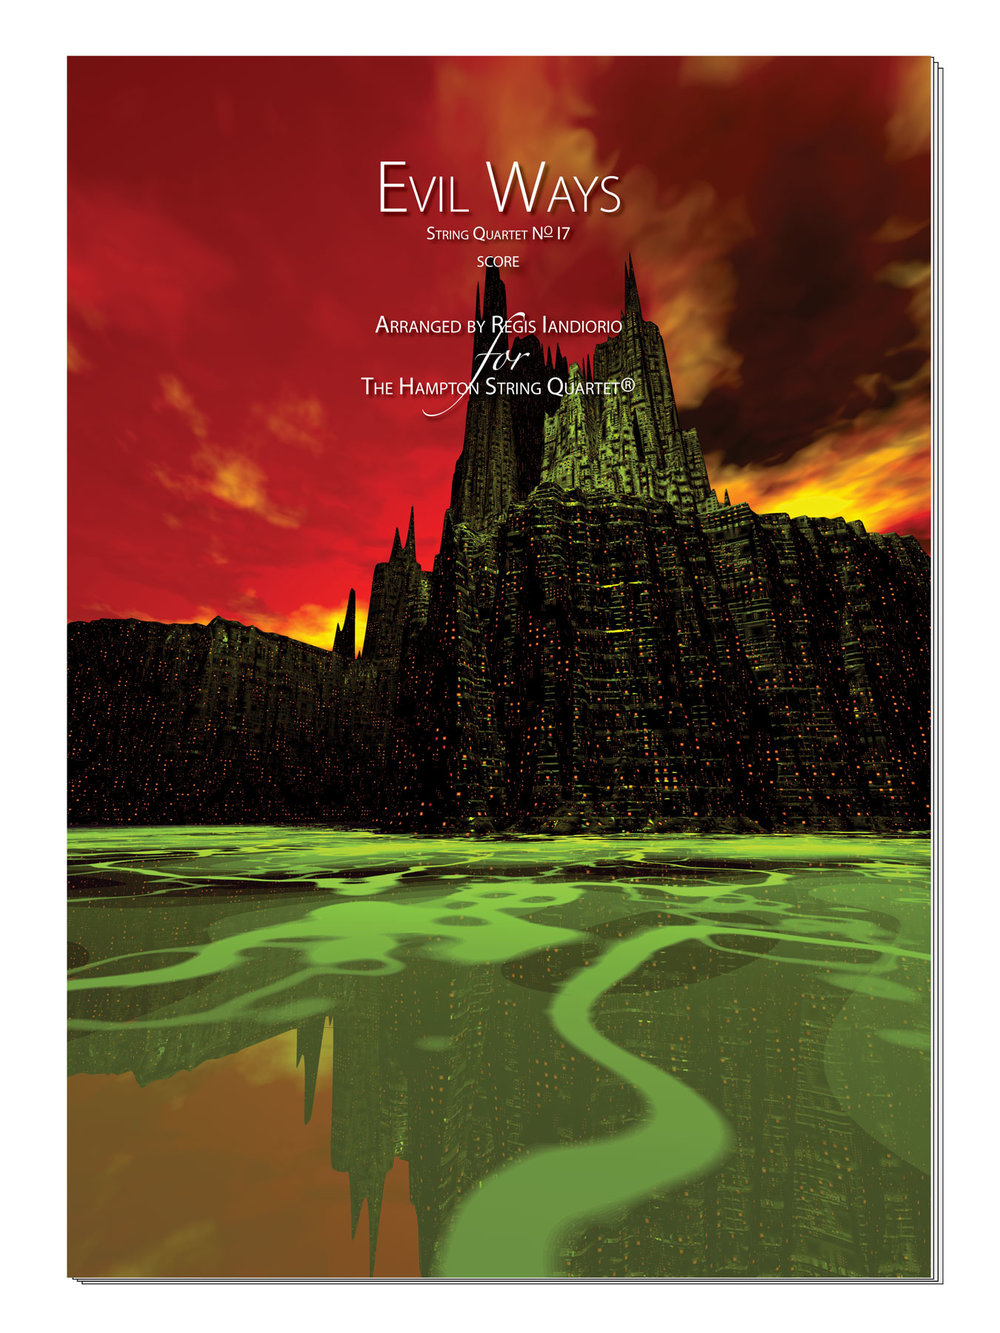 EvilWays.jpg